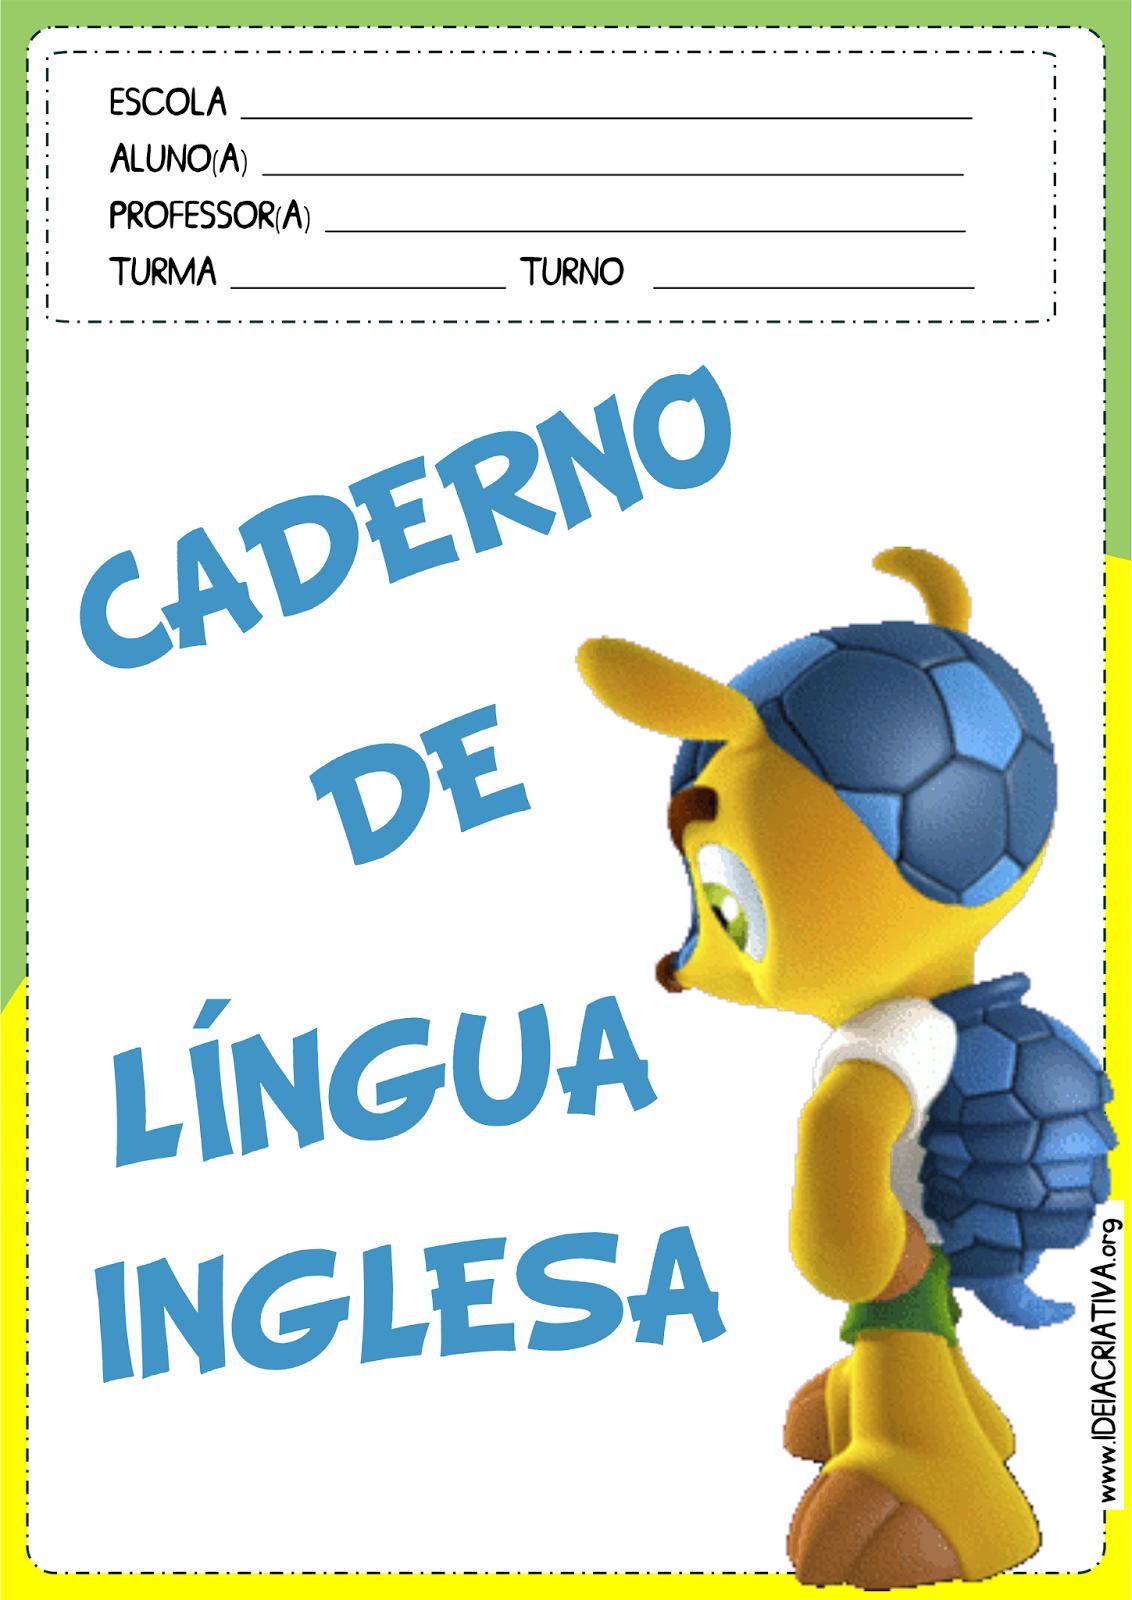 Capas para Caderno Copa do Mundo Fundamental I